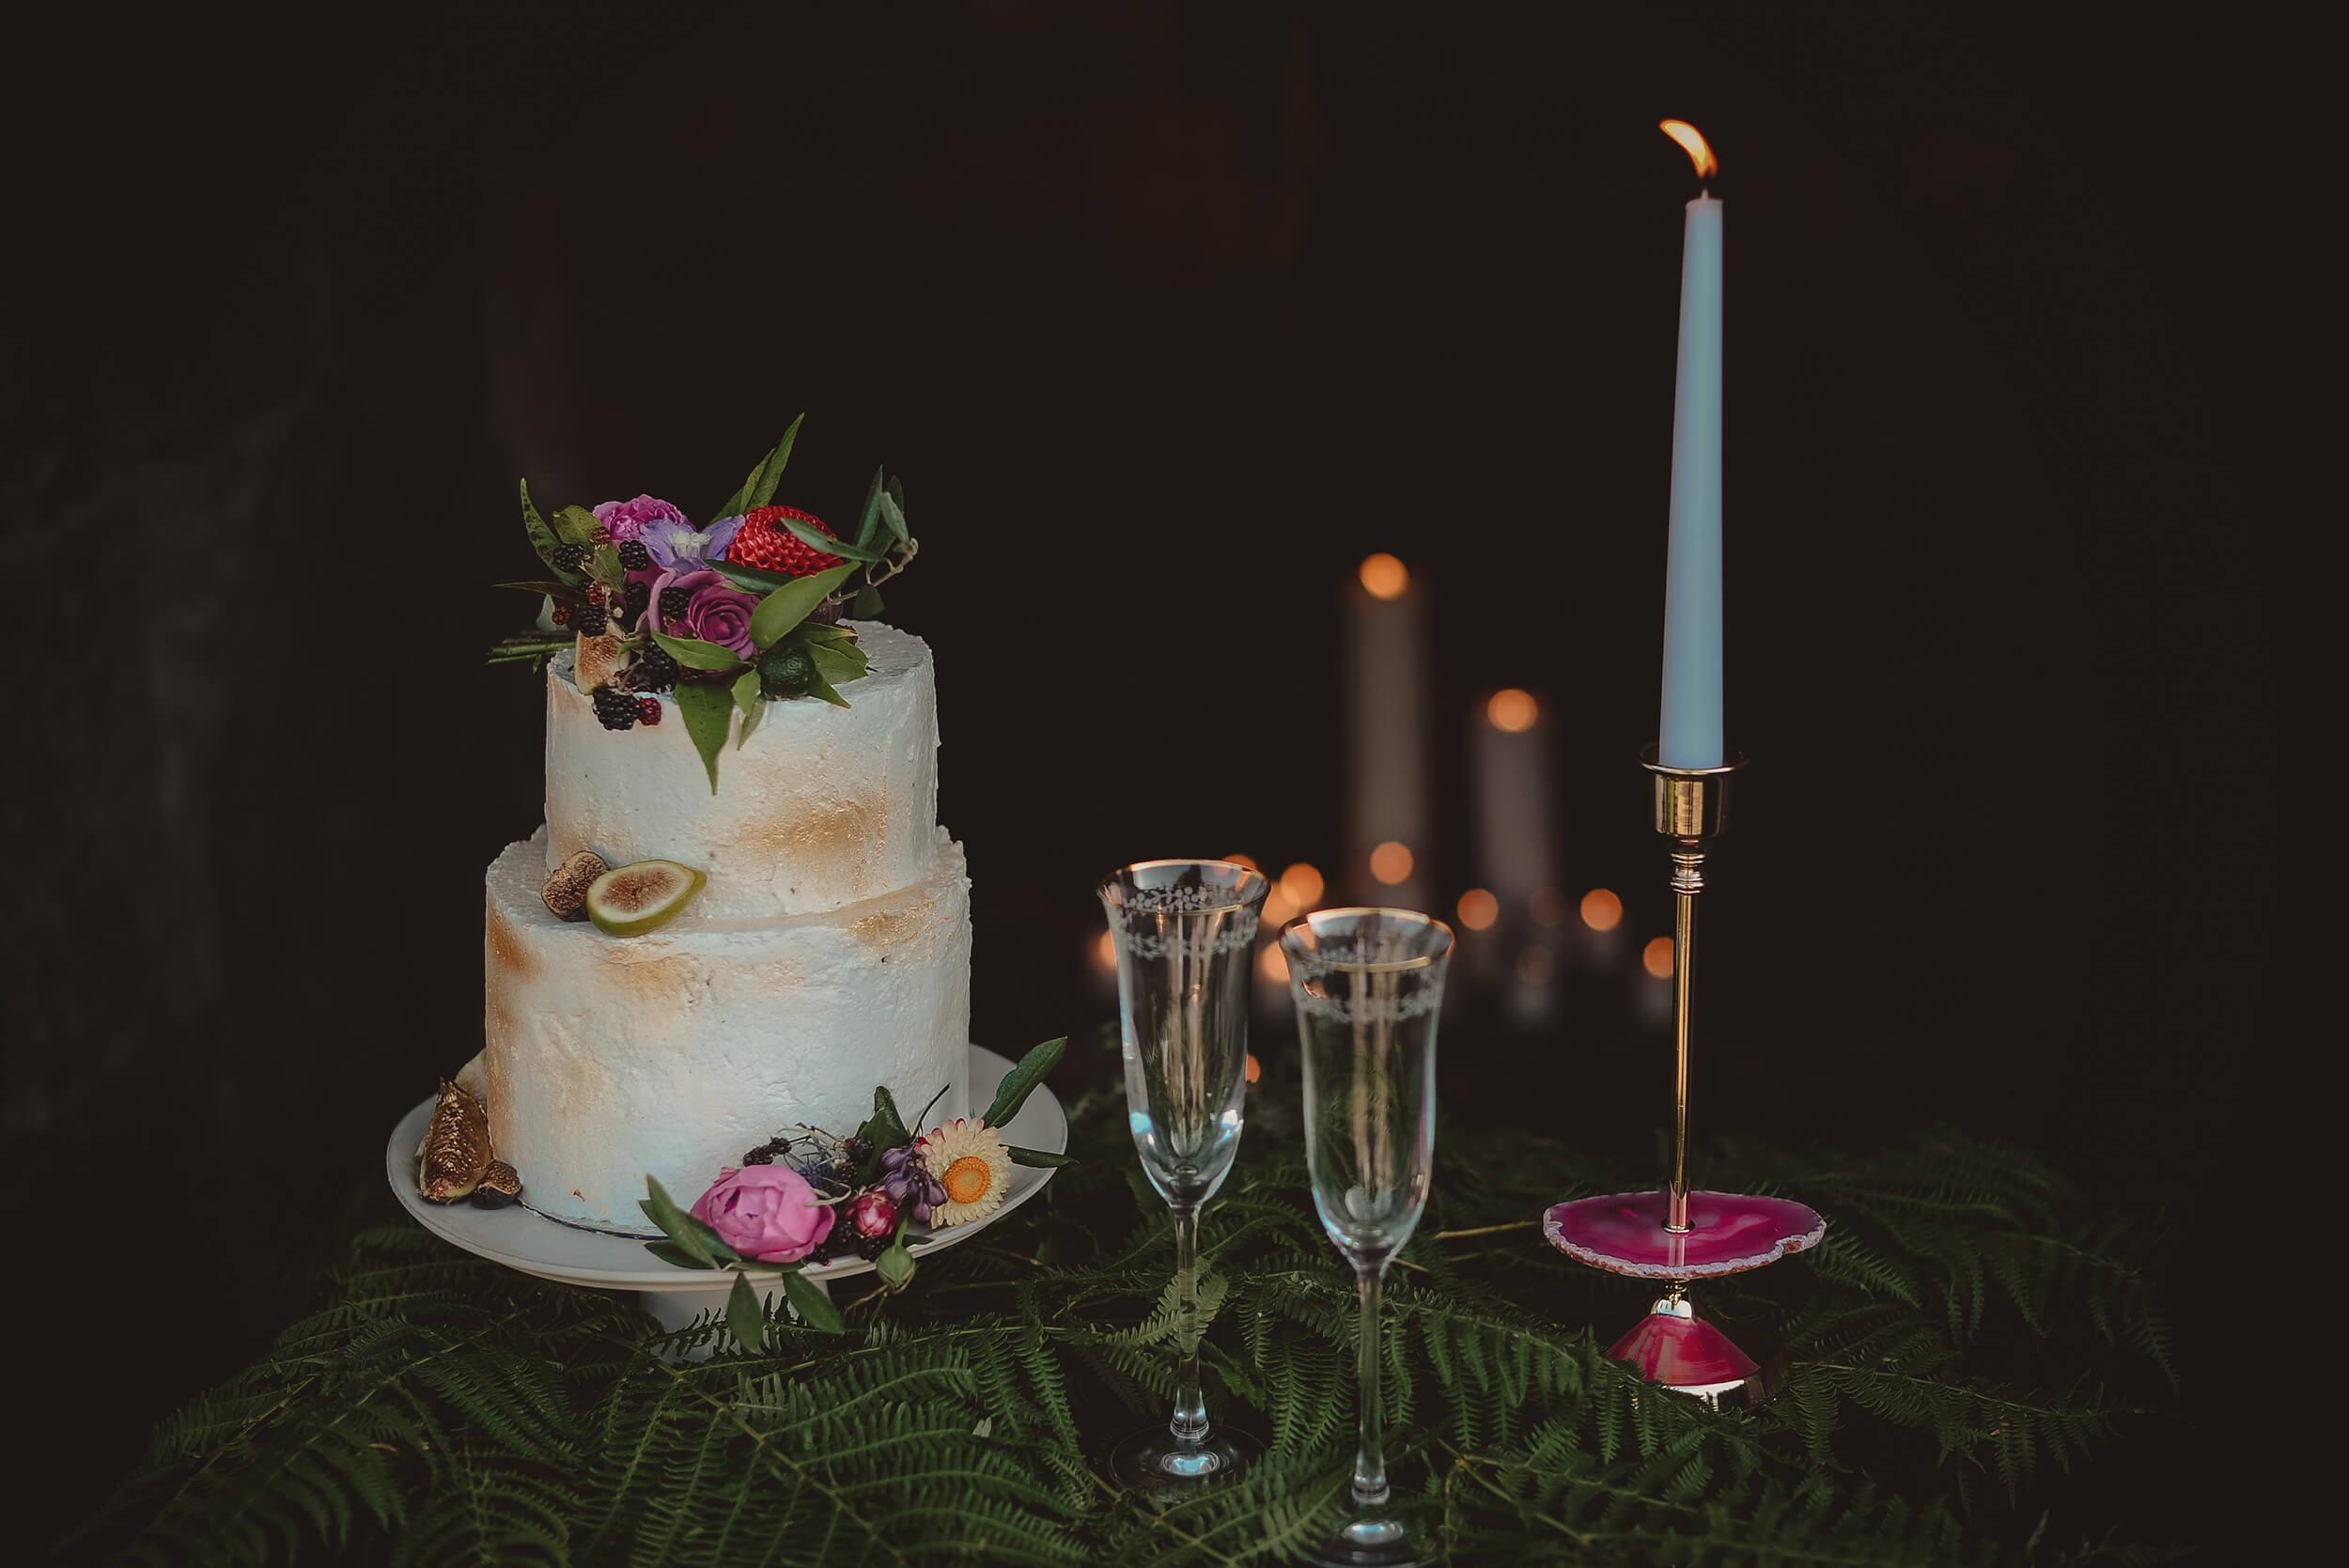 roma-organizacao-eventos-editorial-casamento-colorful-wedding-27